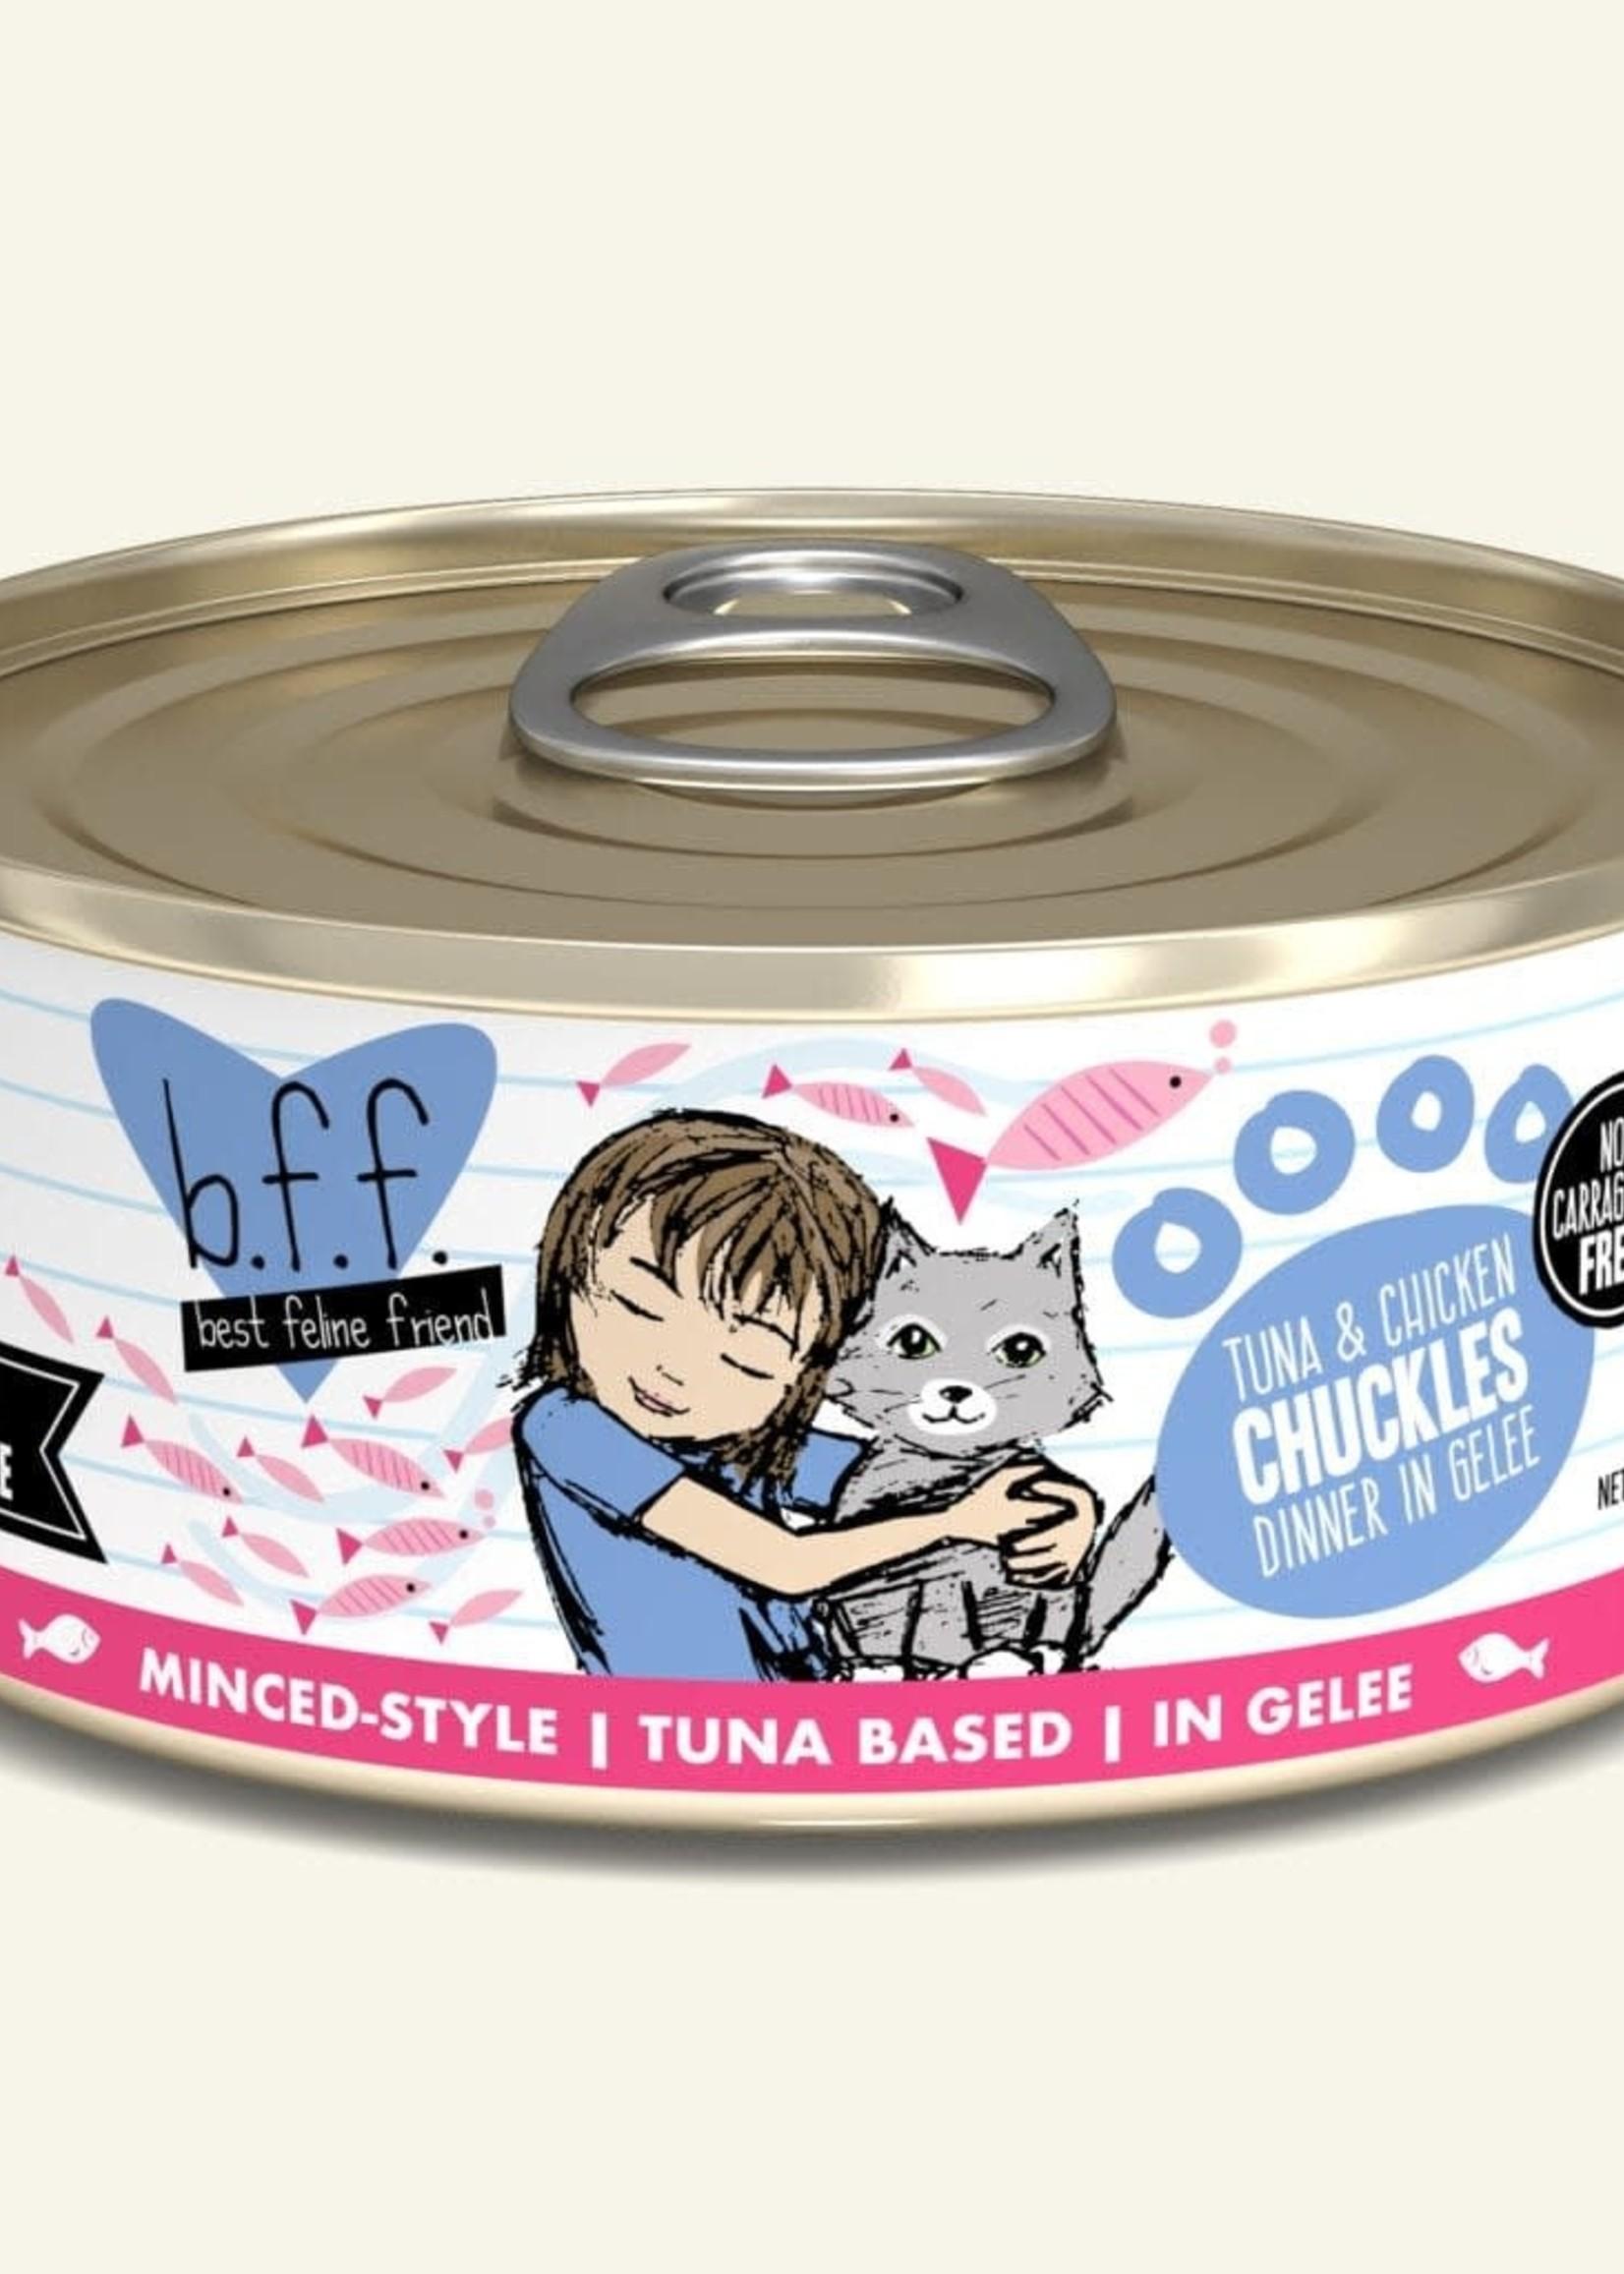 Weruva B.F.F. Tuna & Chicken Chuckles in Gelée Cat 5.5oz